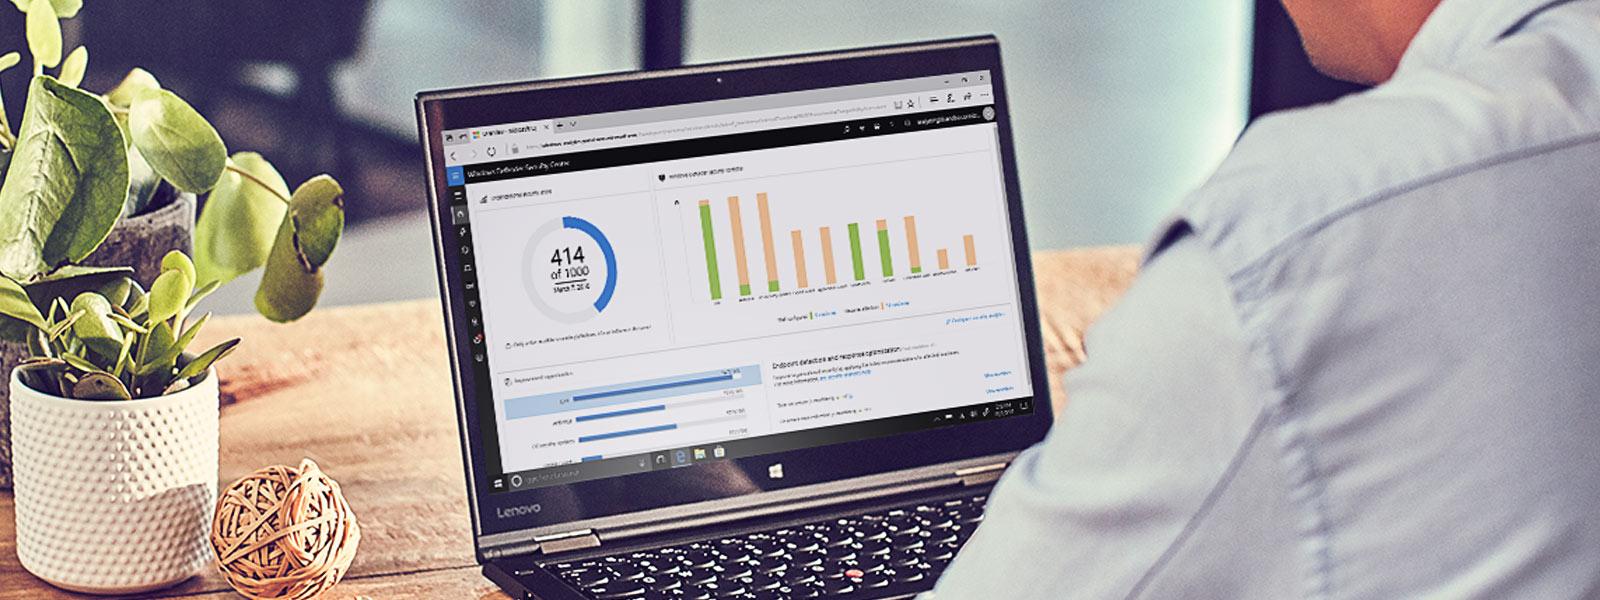 Windows Defender Center auf Bildschirm eines Laptops, der auf einem Schreibtisch steht